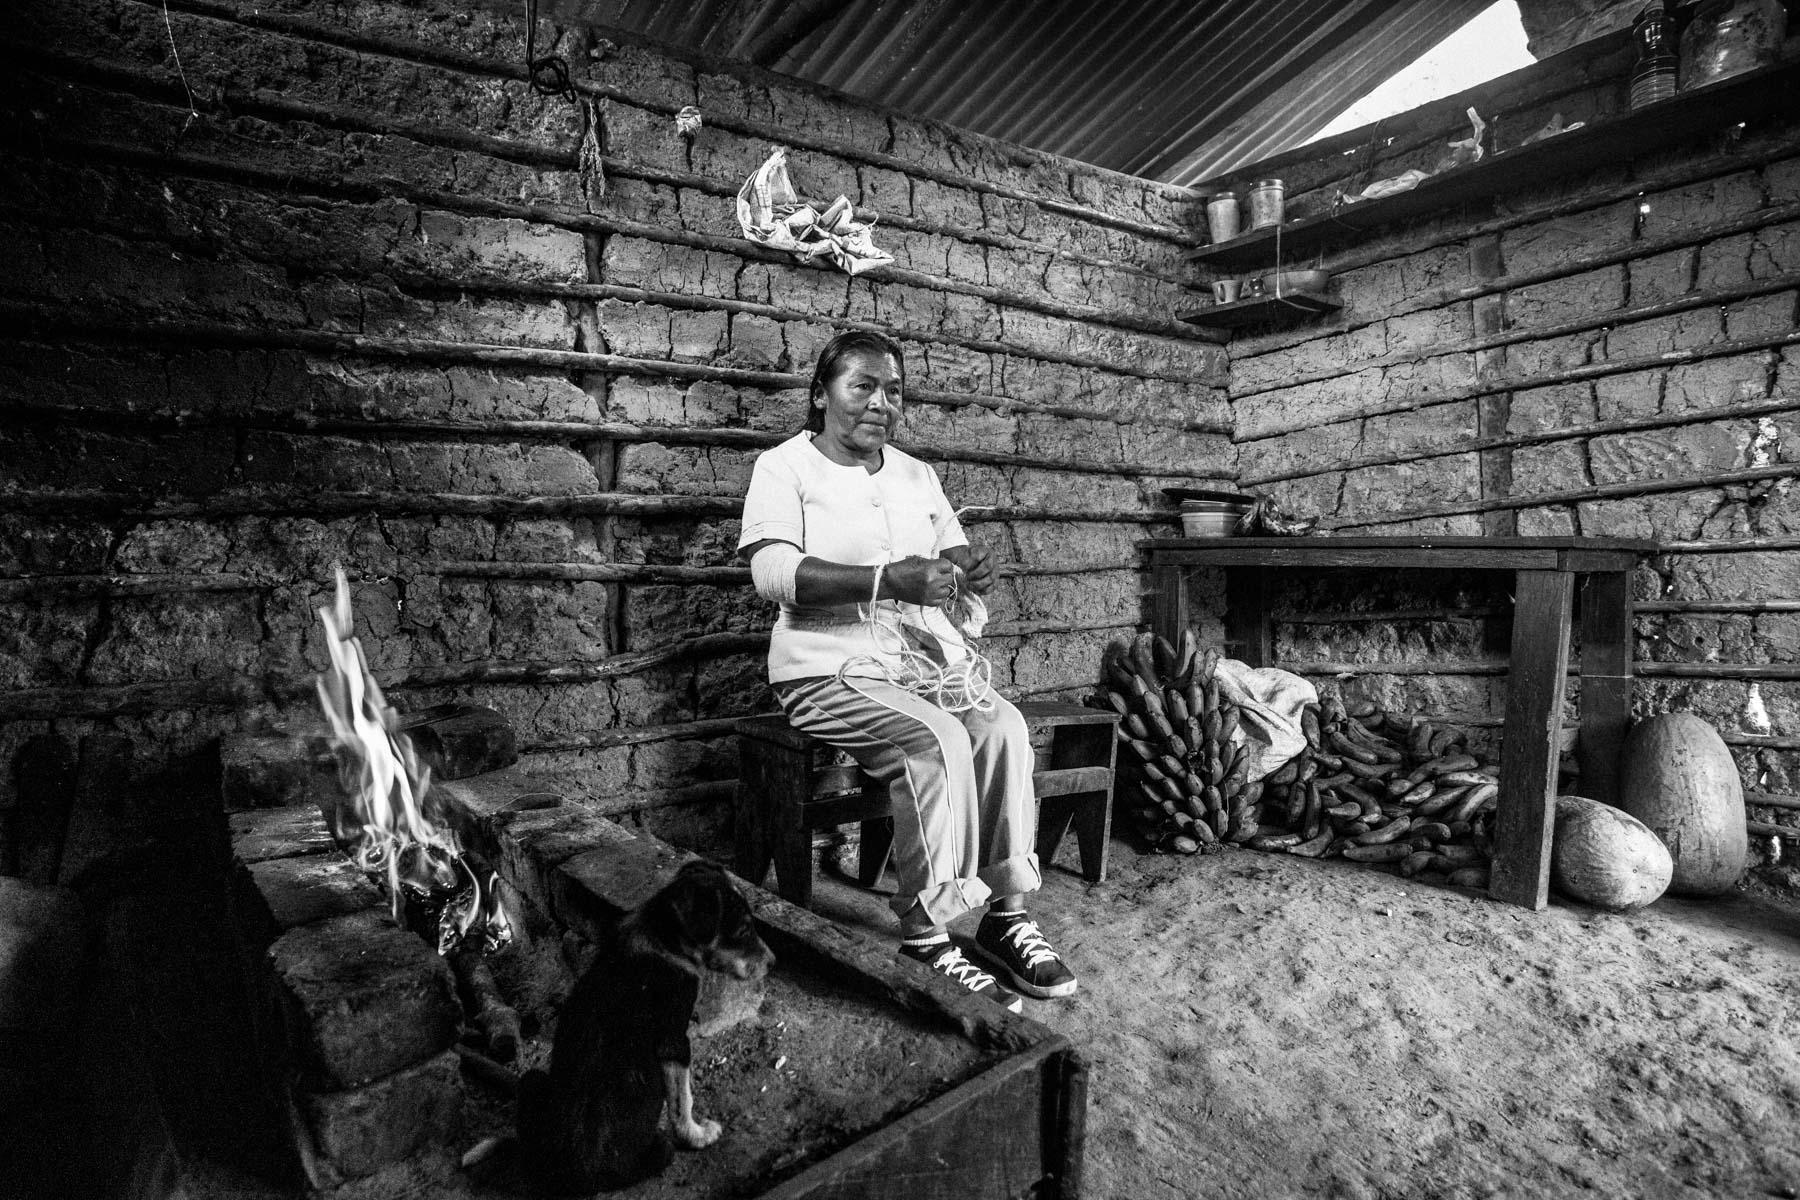 Angelina Secue Julicue (58 años), La Primicia, Resguardo San Francisco. Cauca, Colombia, Agosto 19, 2018.